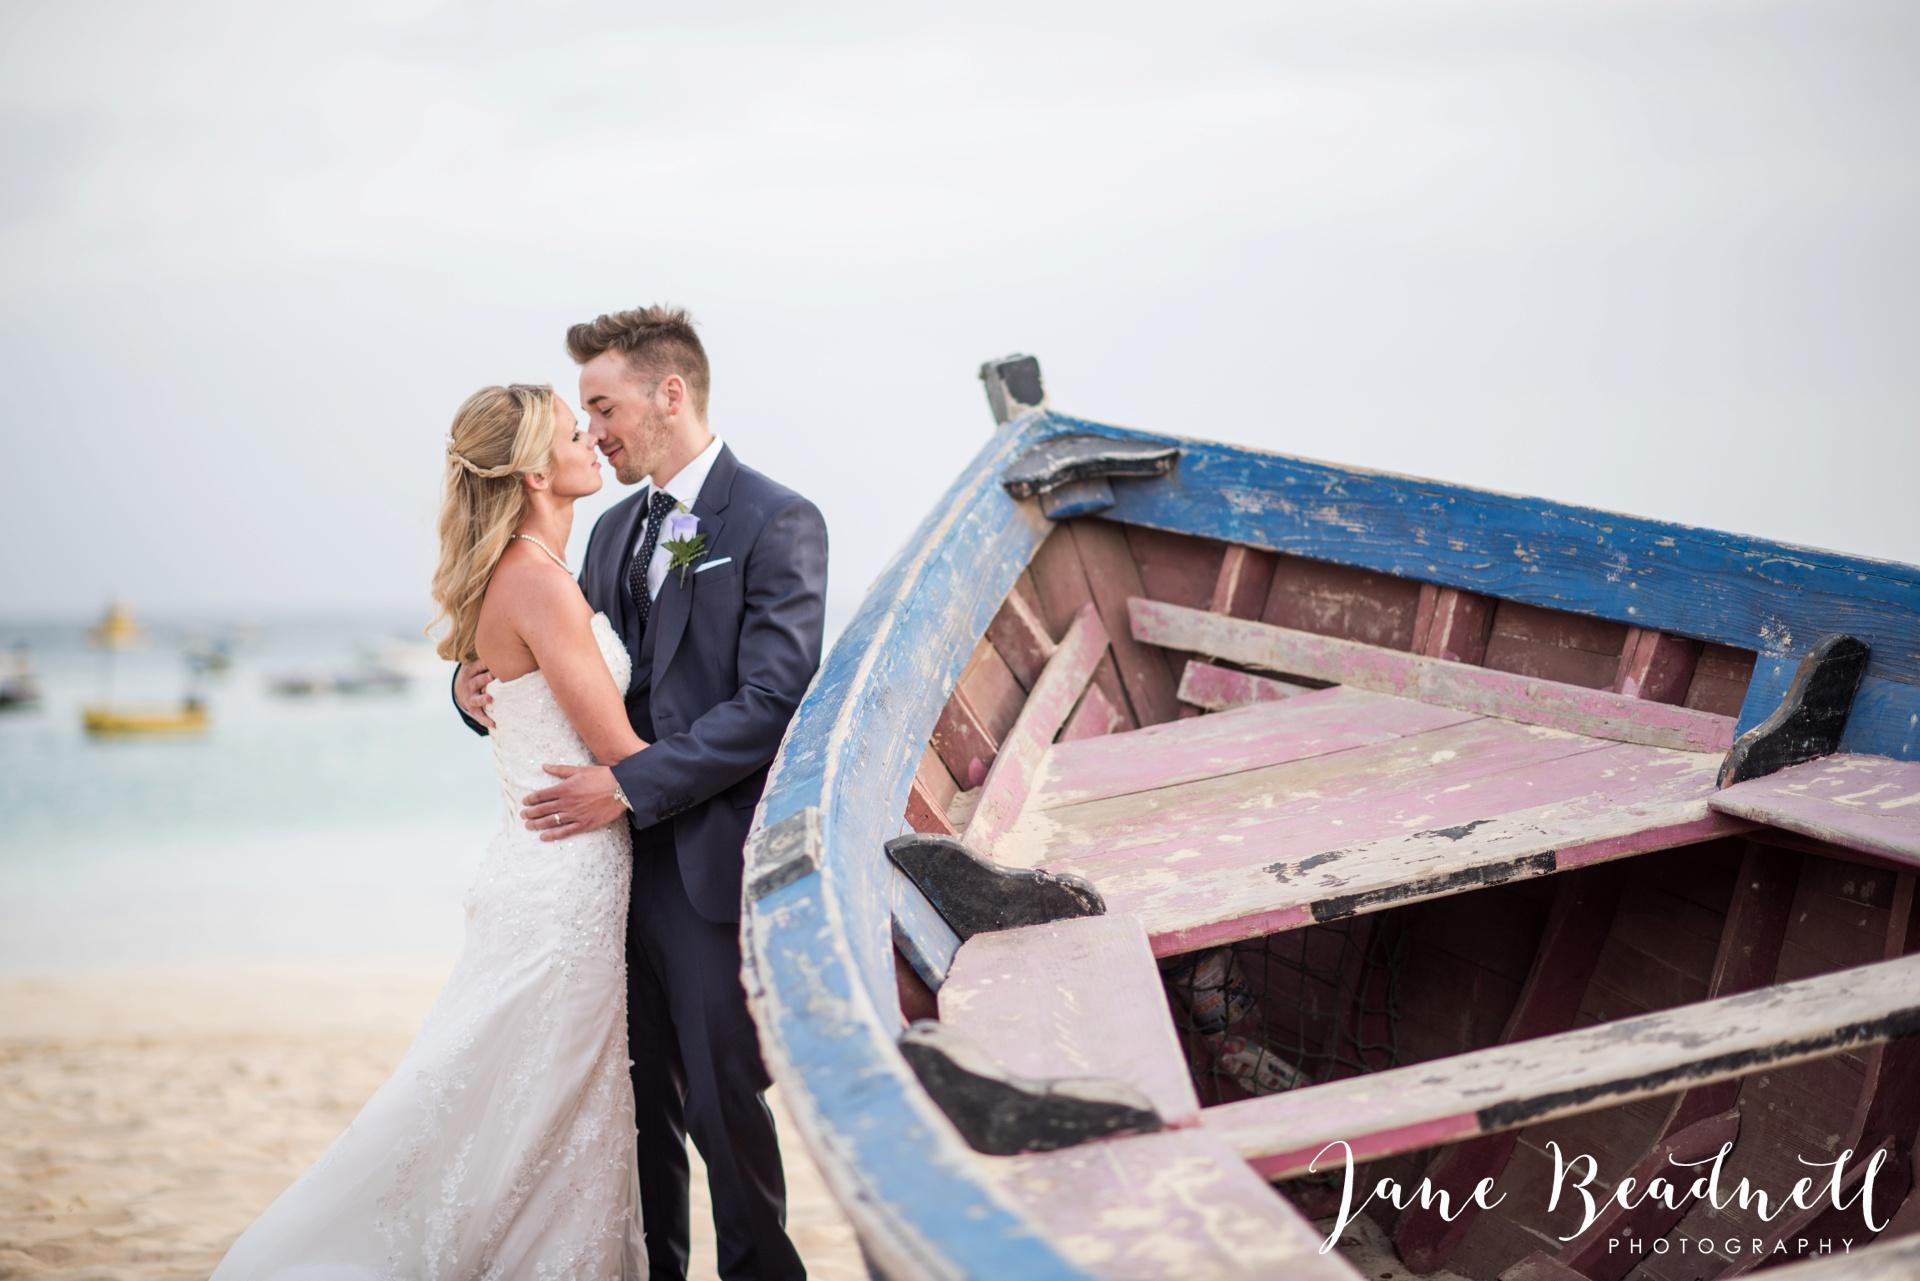 Jane Beadnell fine art wedding photographer Leeds Destination wedding photographer_0032